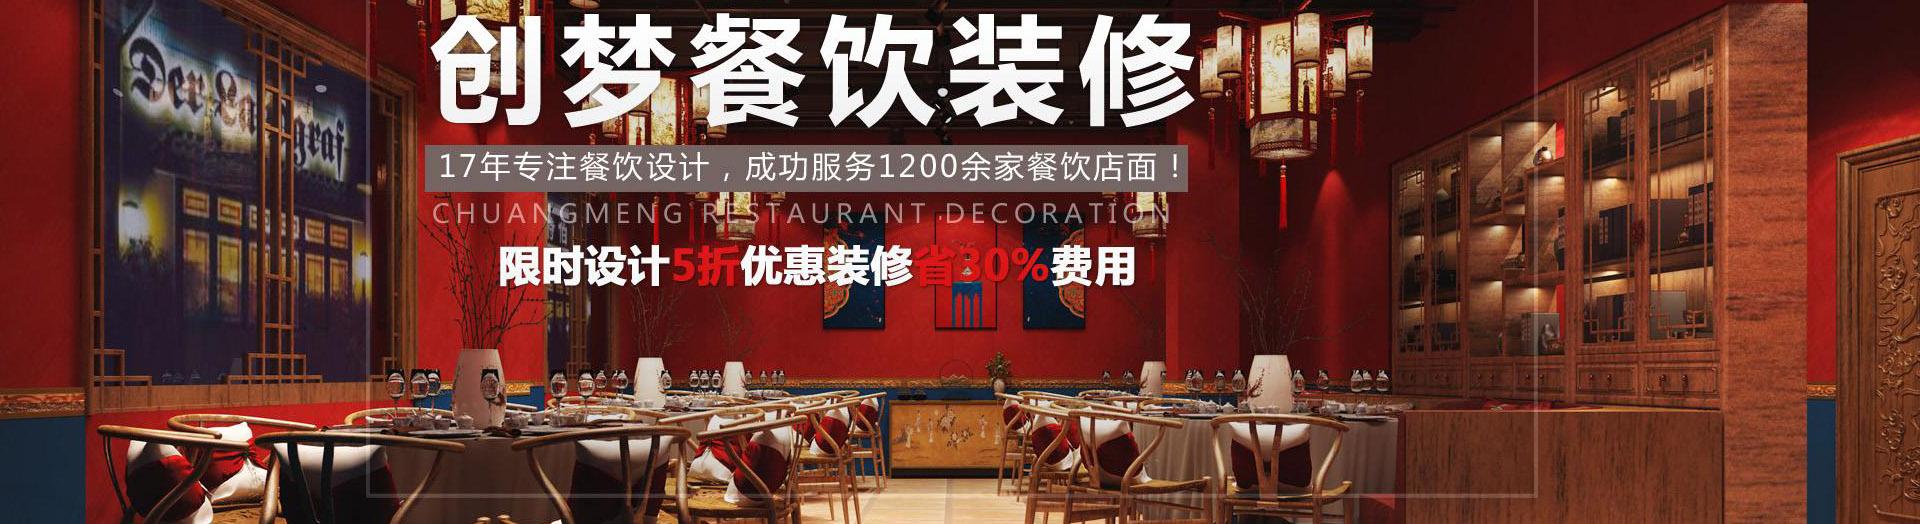 餐厅全景效果图设计